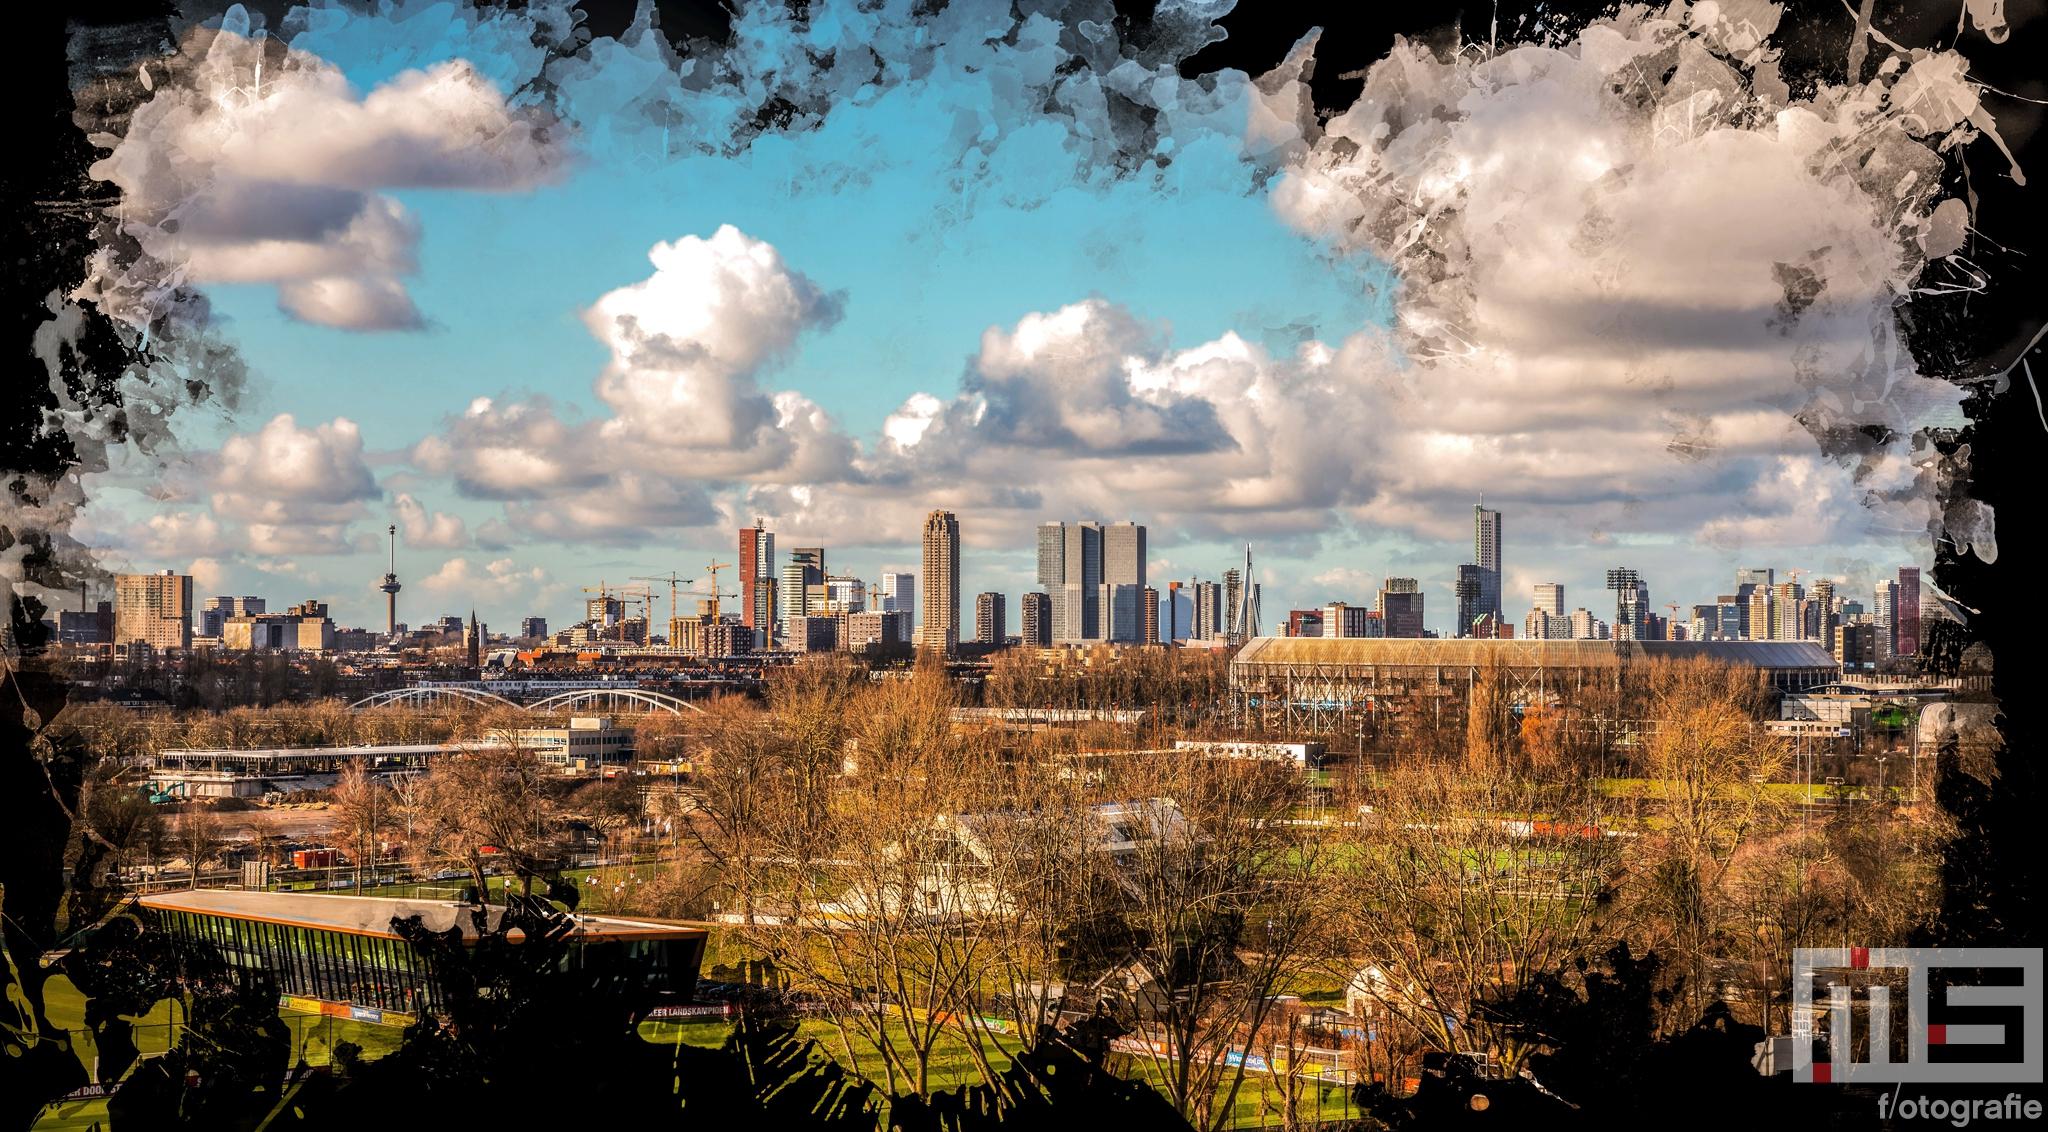 Te Koop   De skyline van Rotterdam met het Feyenoord Art Stadion De Kuip en Hollandse wolken